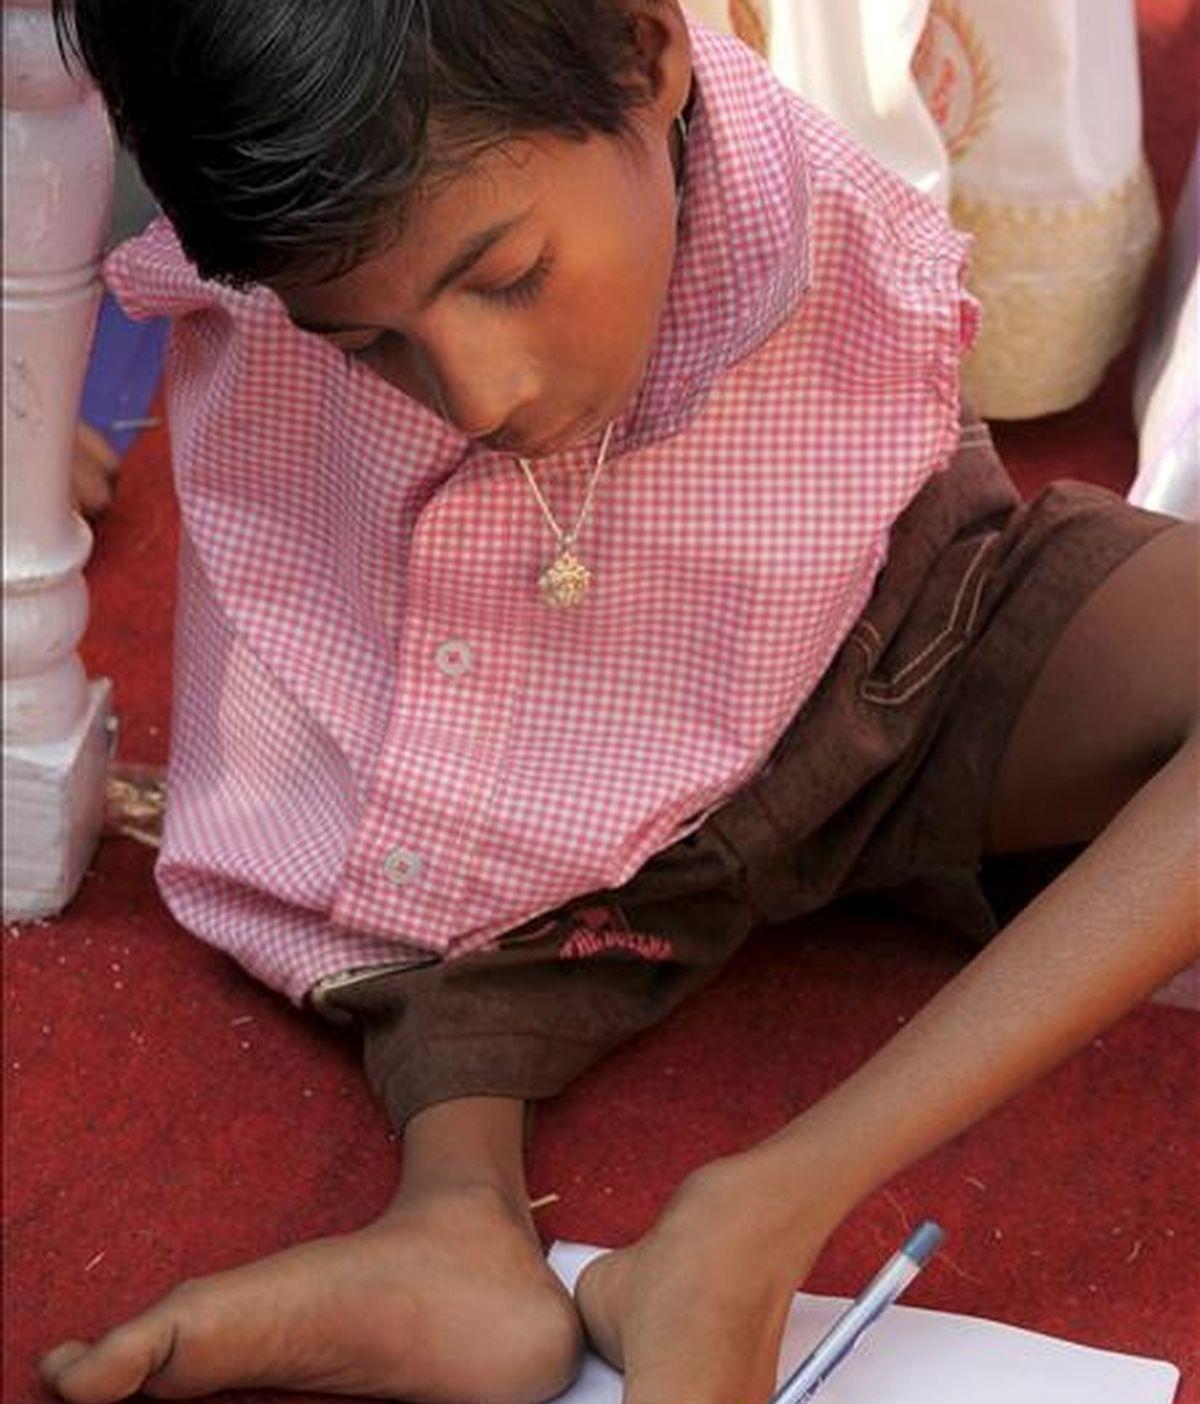 Jagannath Gharai, un menor discapacitado de 10 años, sostiene un bolígrafo con una de sus extremidades durante la celebración del Día Internacional de las Personas con Discapacidad en Calcuta, India, hoy, 3 de diciembre de 2010. EFE